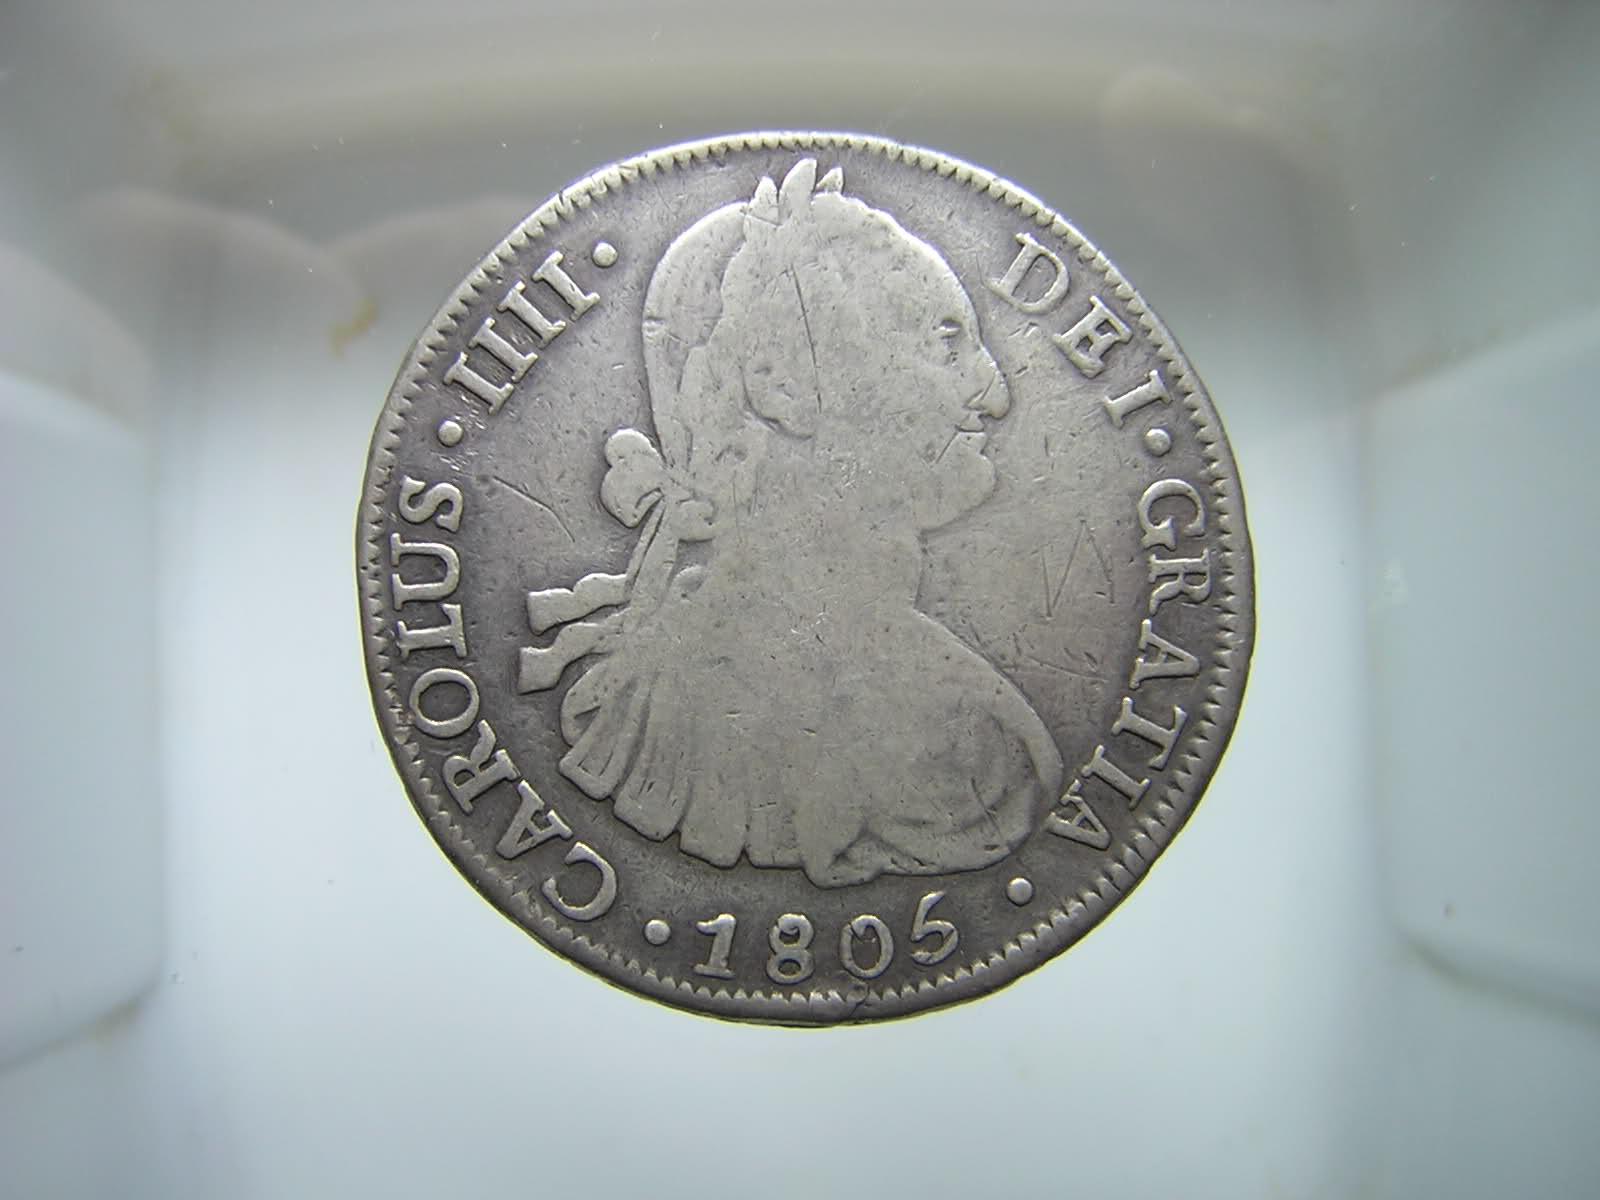 Monedas de Chile - Epoca Colonial e Republicana 2dt12kk